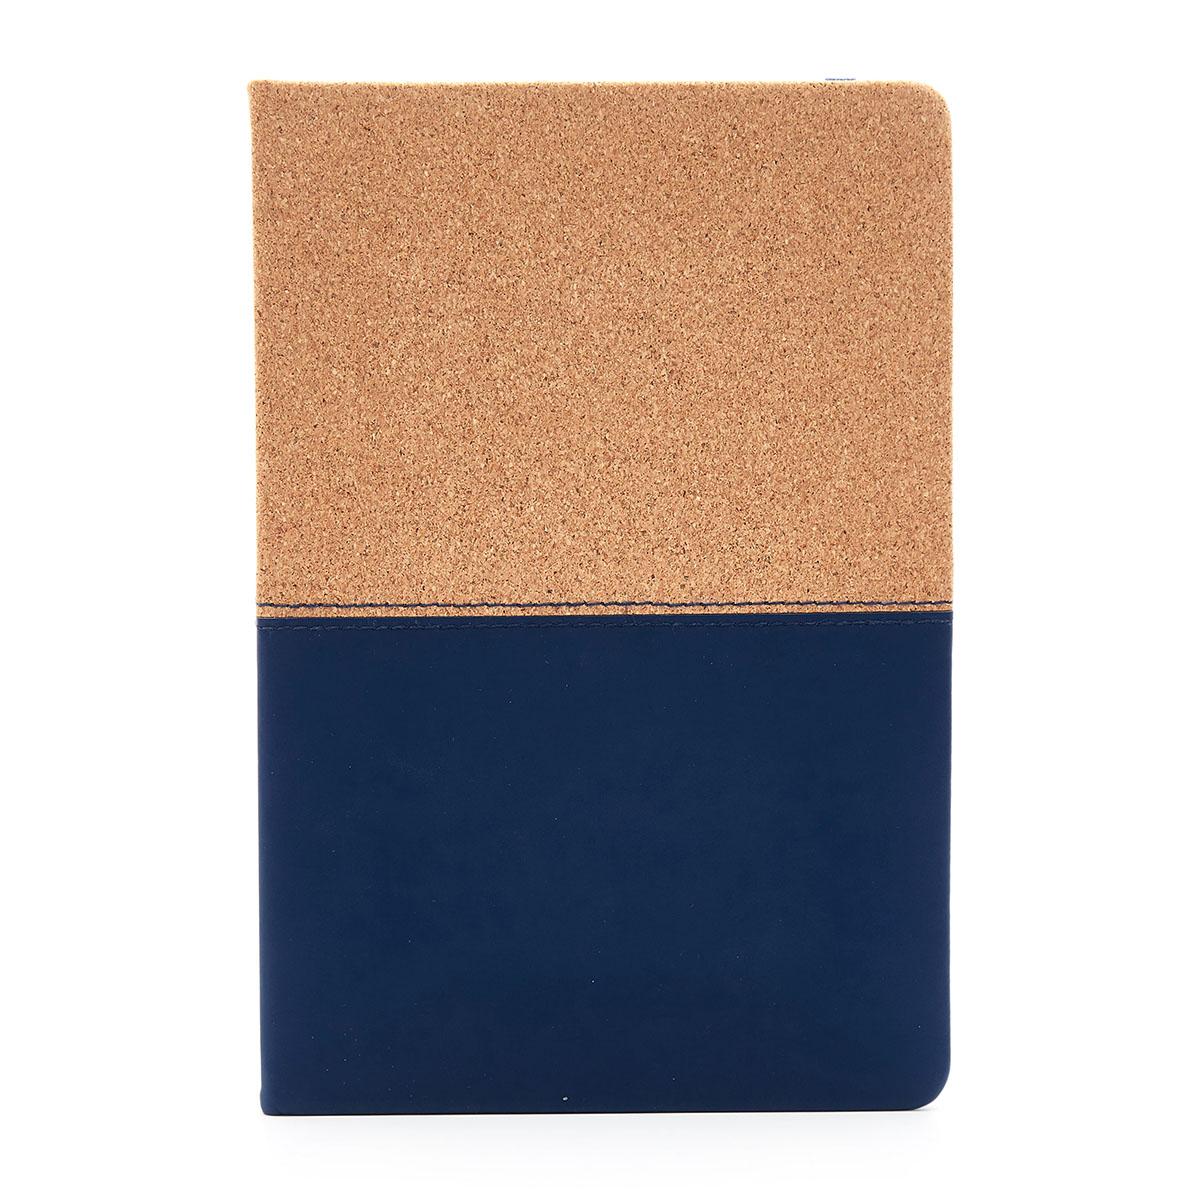 Cuaderno CORK A5 80 hojas